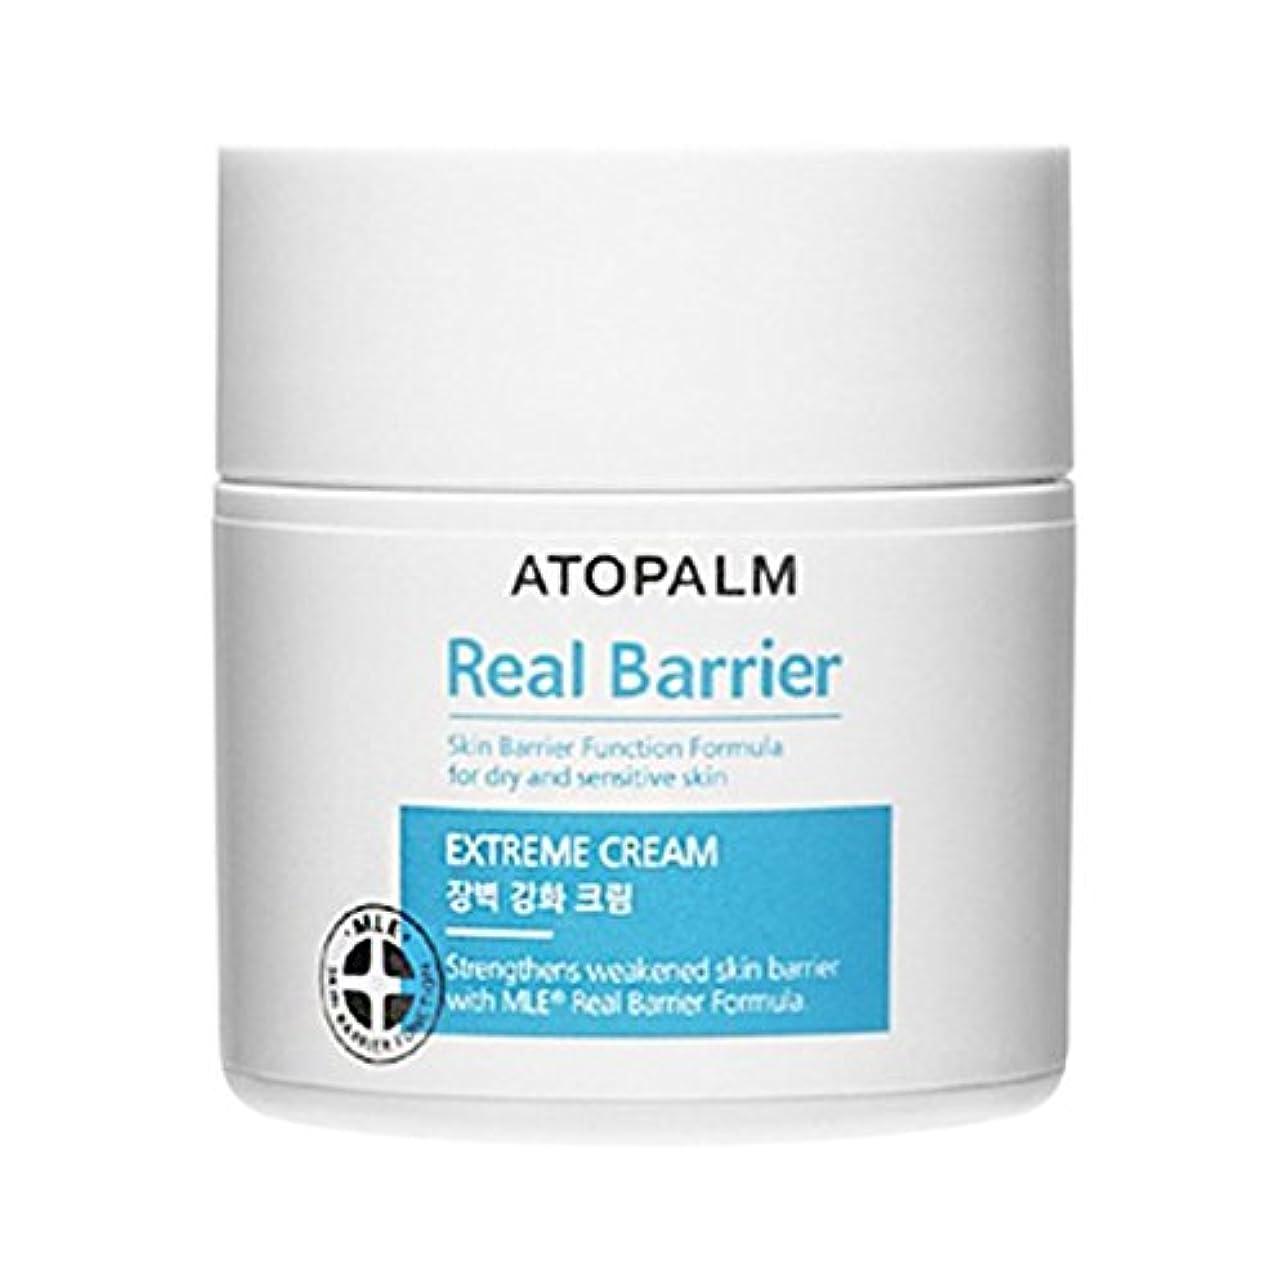 固執拷問タオルアトファムリアルバリア?エクストリームクリーム50ml、韓国化粧品 ATOPALM Real Barrier Extream Cream 50ml, Korean Cosmetics [並行輸入品]